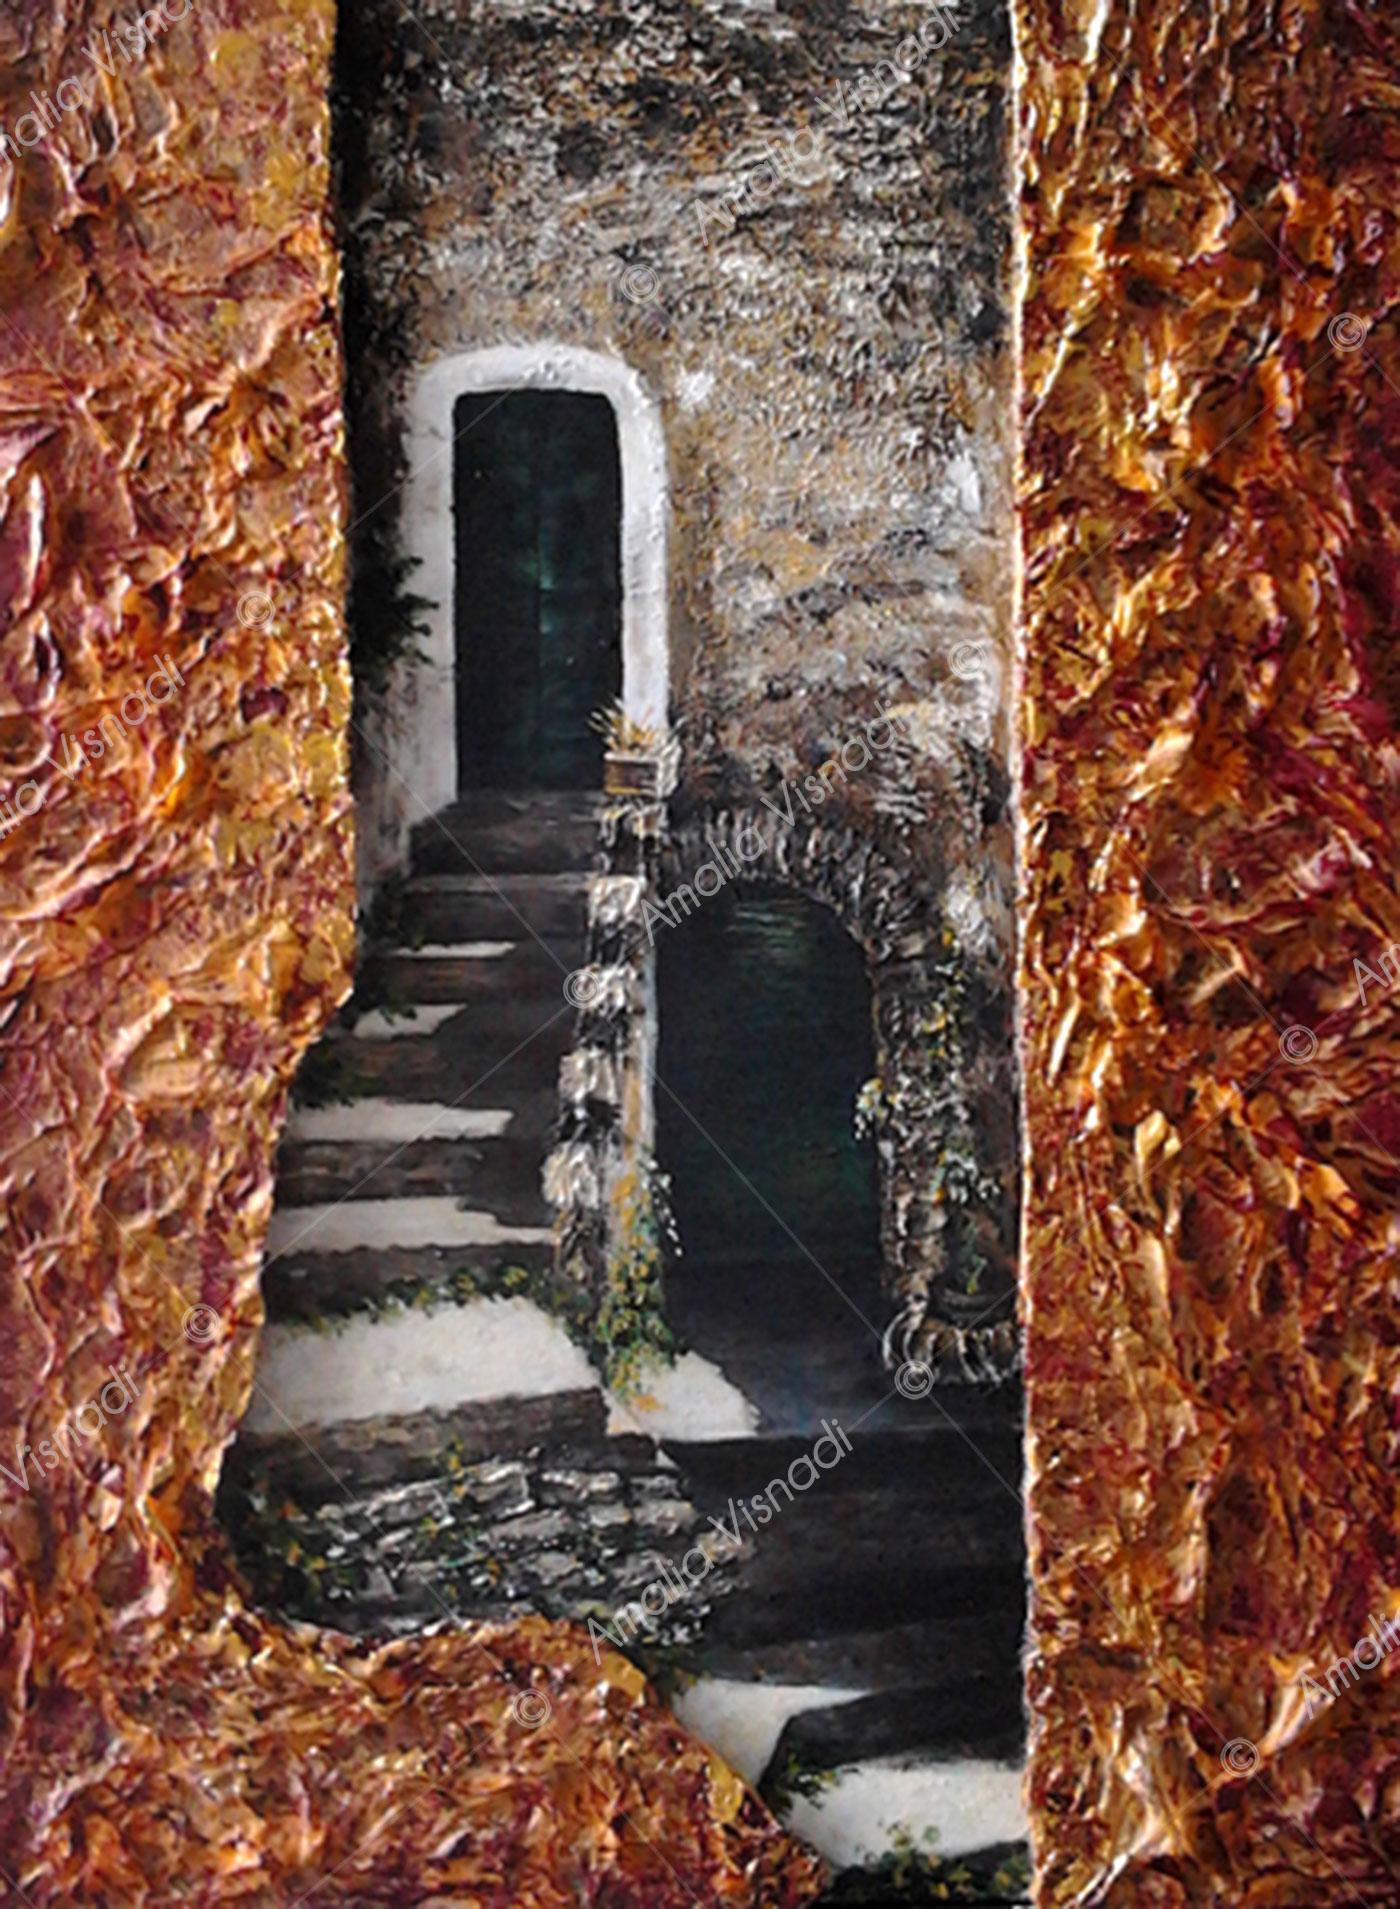 Scorcio di Cantalice 1 - Ri_Olio, acrilico e sughero su Tela 30 x 40